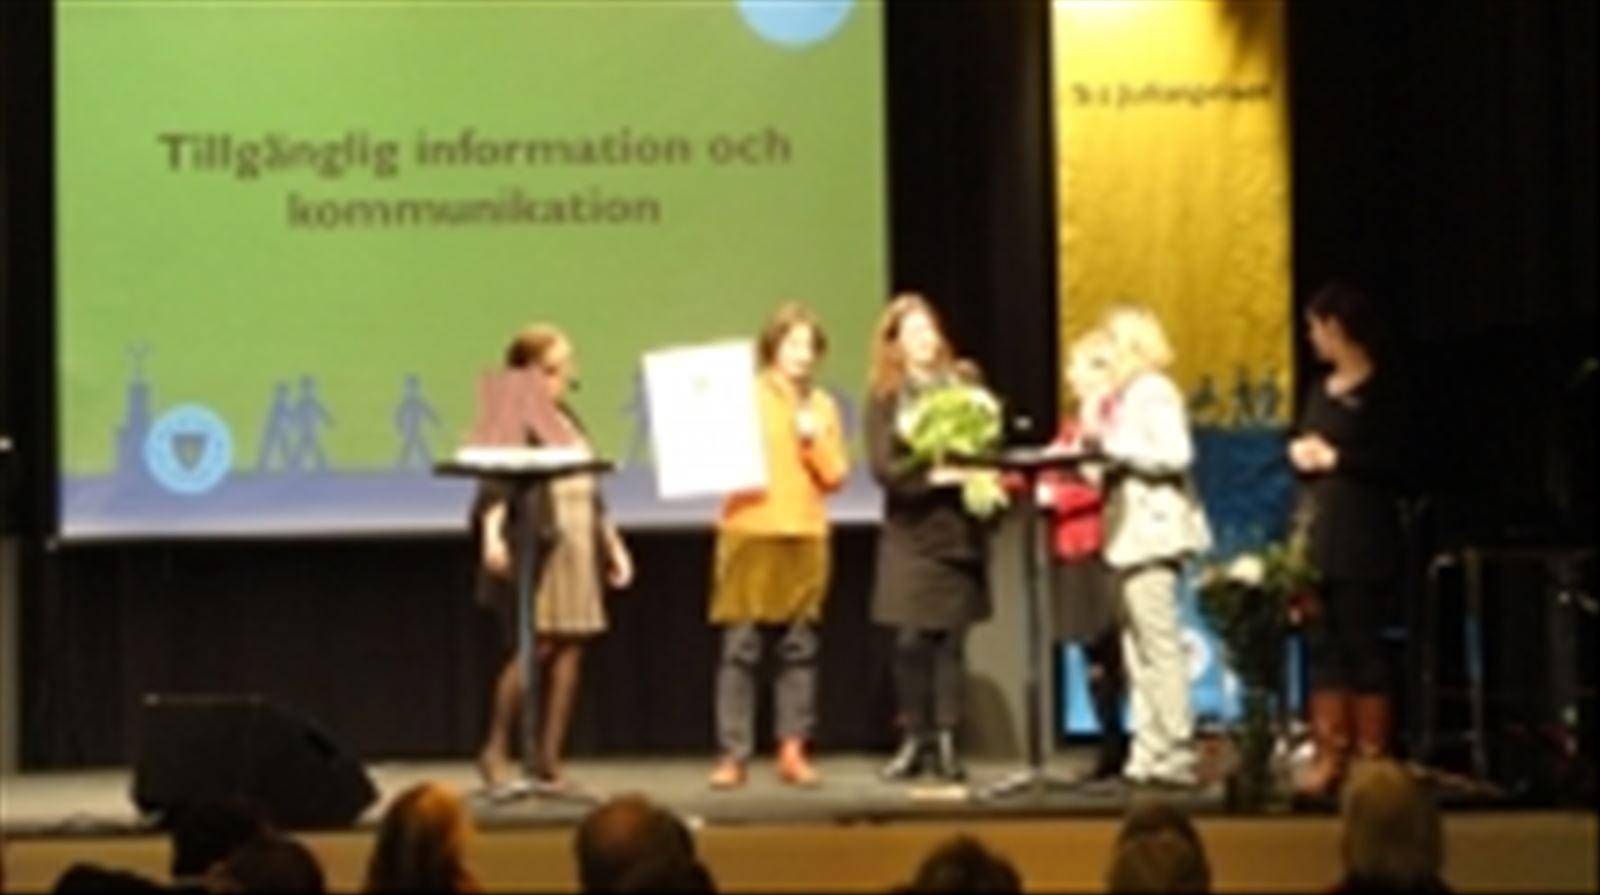 Vinnare info och Kommunikation Vasamuseet